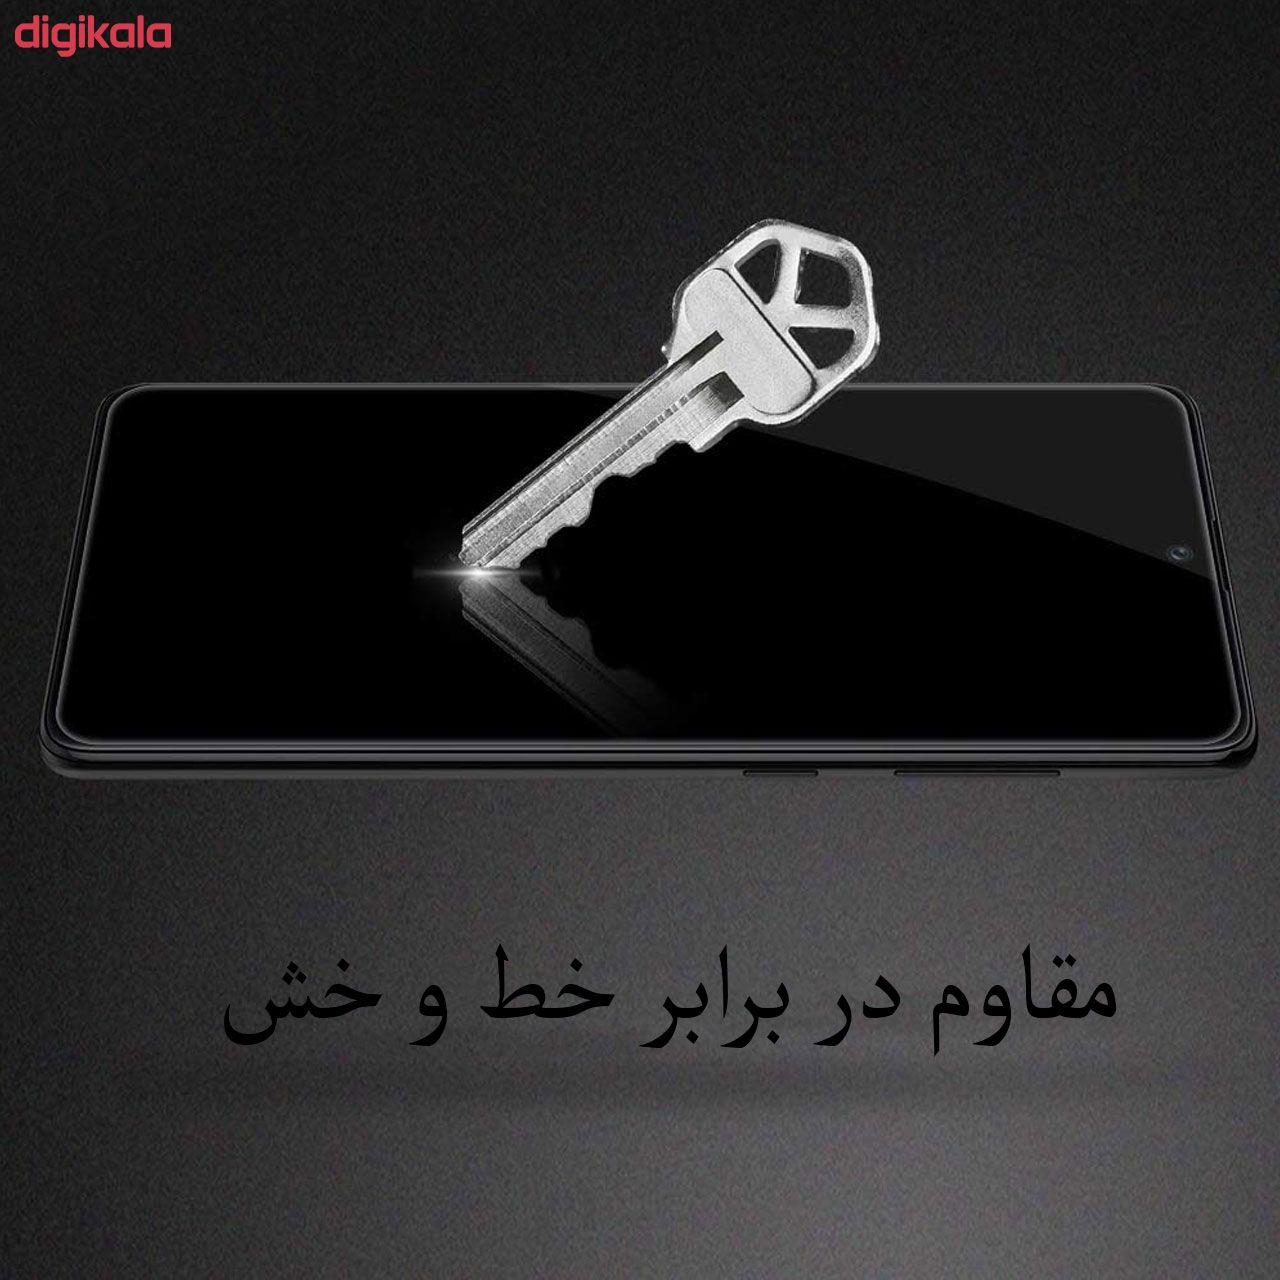 محافظ صفحه نمایش مدل FCG مناسب برای گوشی موبایل شیائومی Redmi Note 9 Pro بسته سه عددی main 1 9